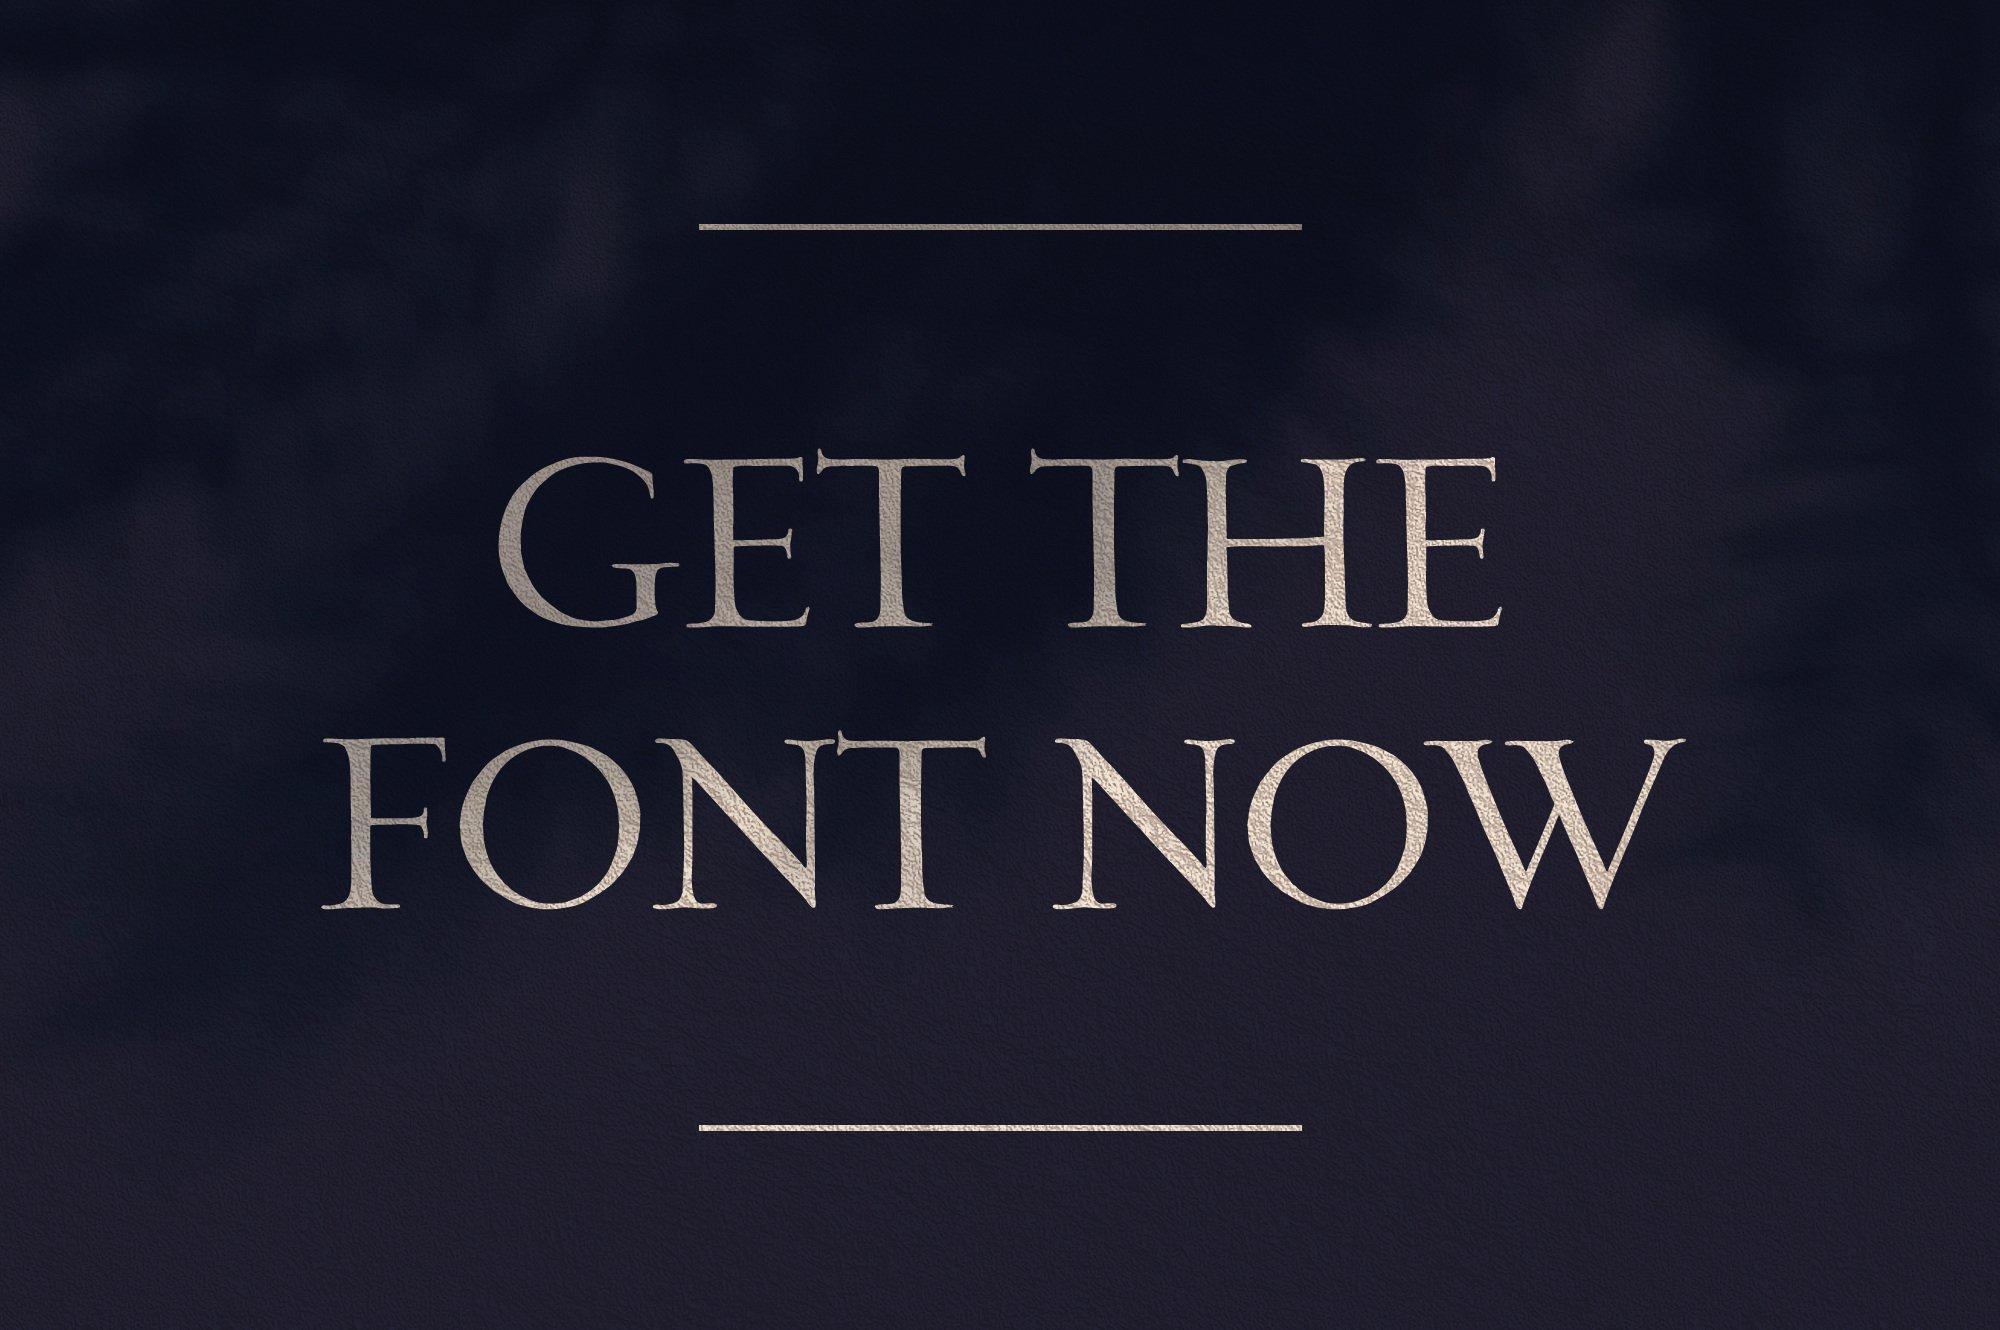 优雅轻奢时尚现代品牌Logo标题衬线英文字体设计素材 Loki – Serif Script Font插图6